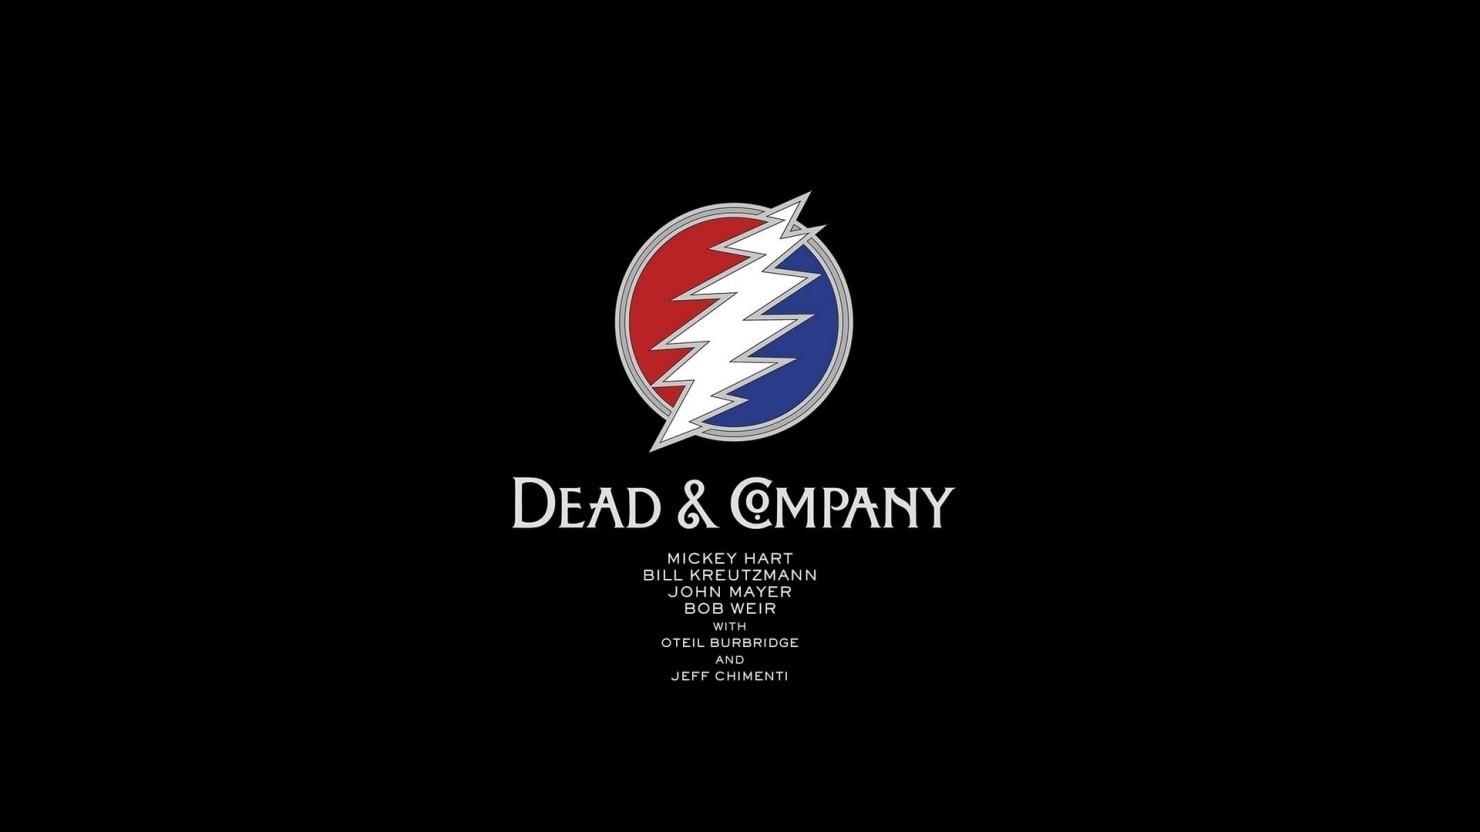 Fall In Colorado Wallpaper Dead Amp Company Add More Tour Dates